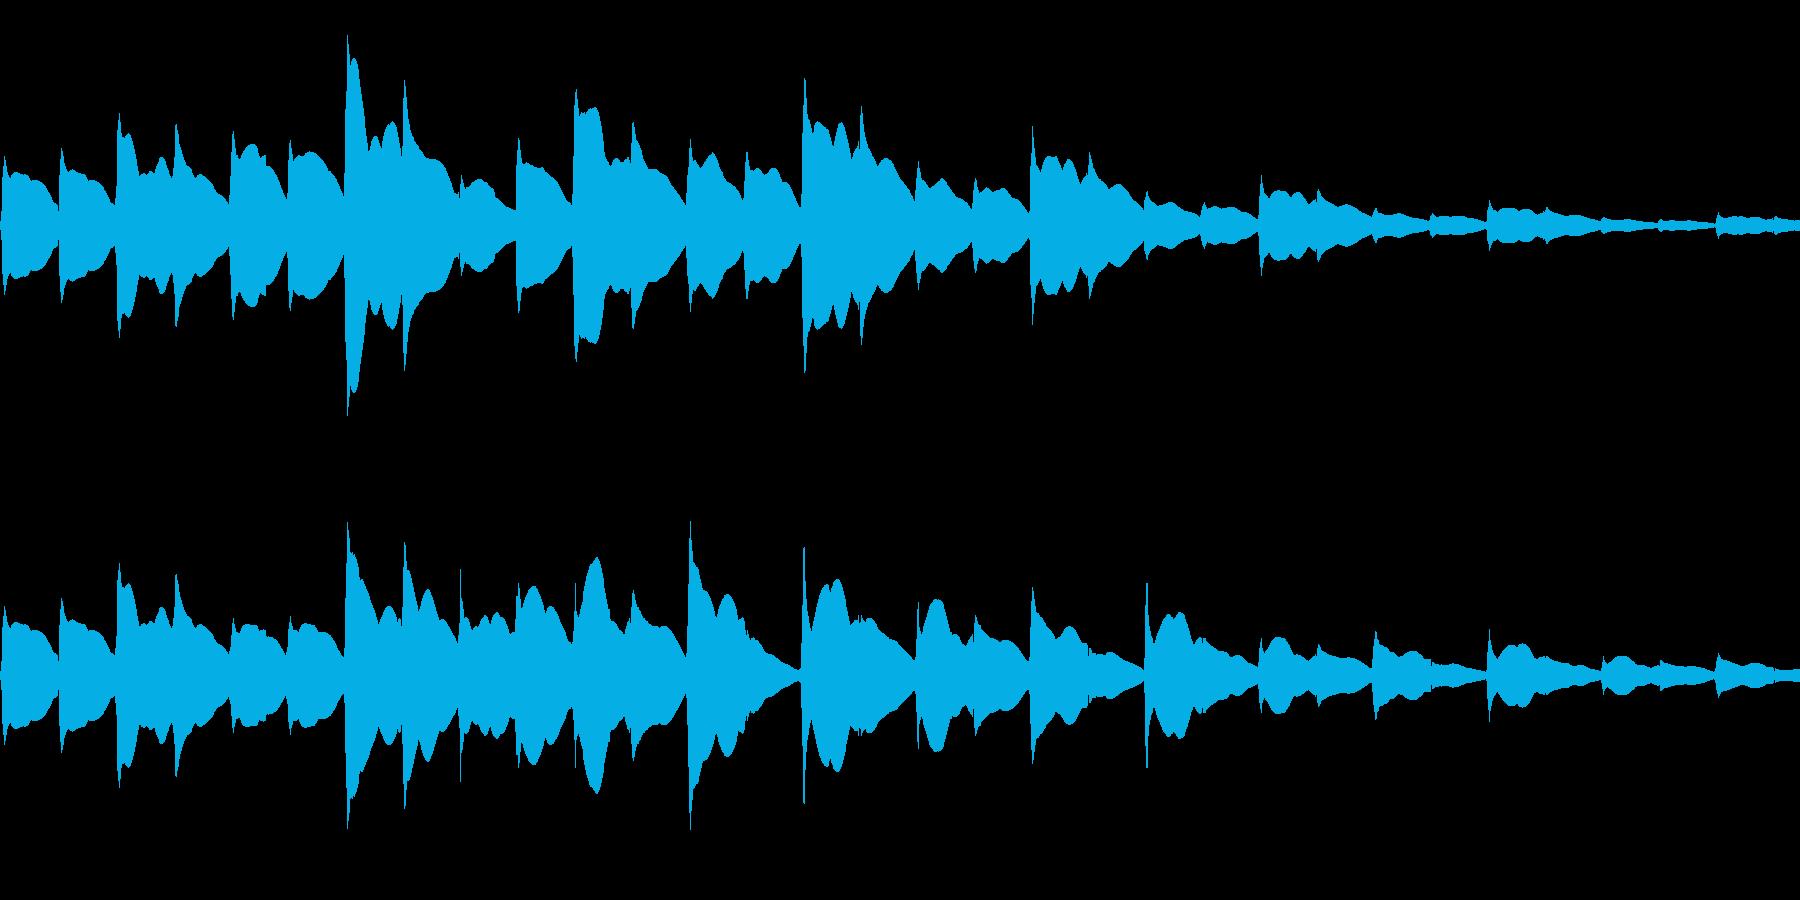 場面転換で使えそうなピッピッピッの音の再生済みの波形